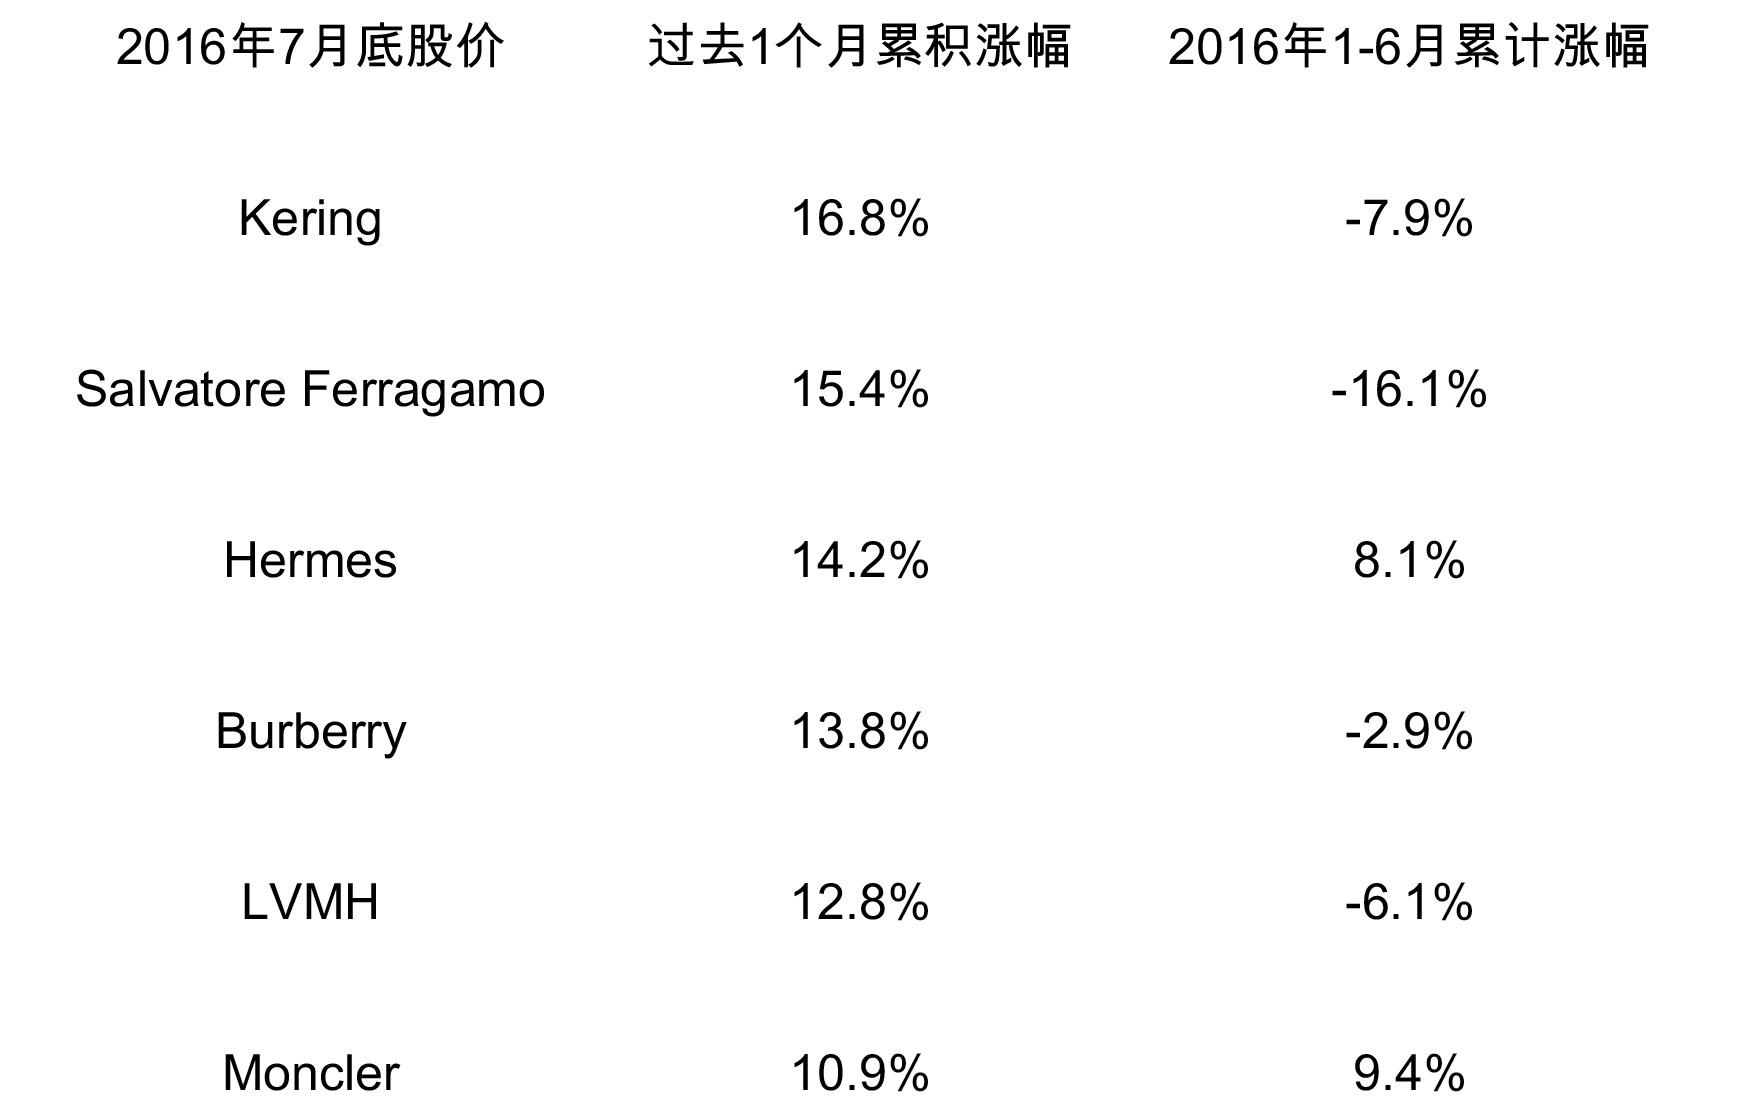 stock Price 2016 7月1.1